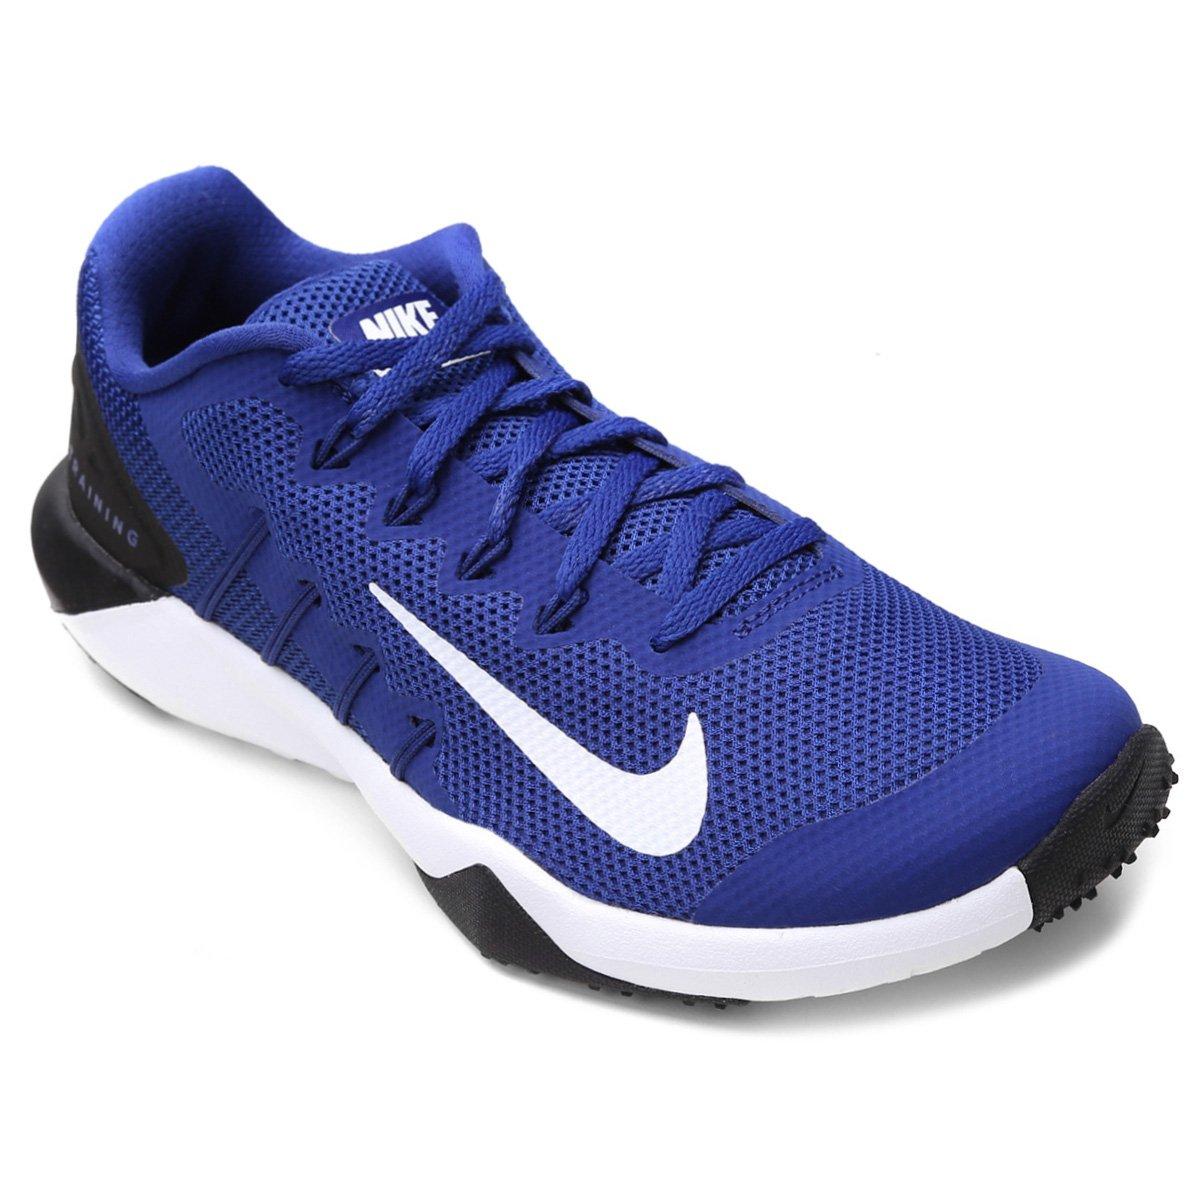 70ec90662a0 Tênis Nike Retaliation Tr 2 Masculino - Azul Escuro - Compre Agora ...